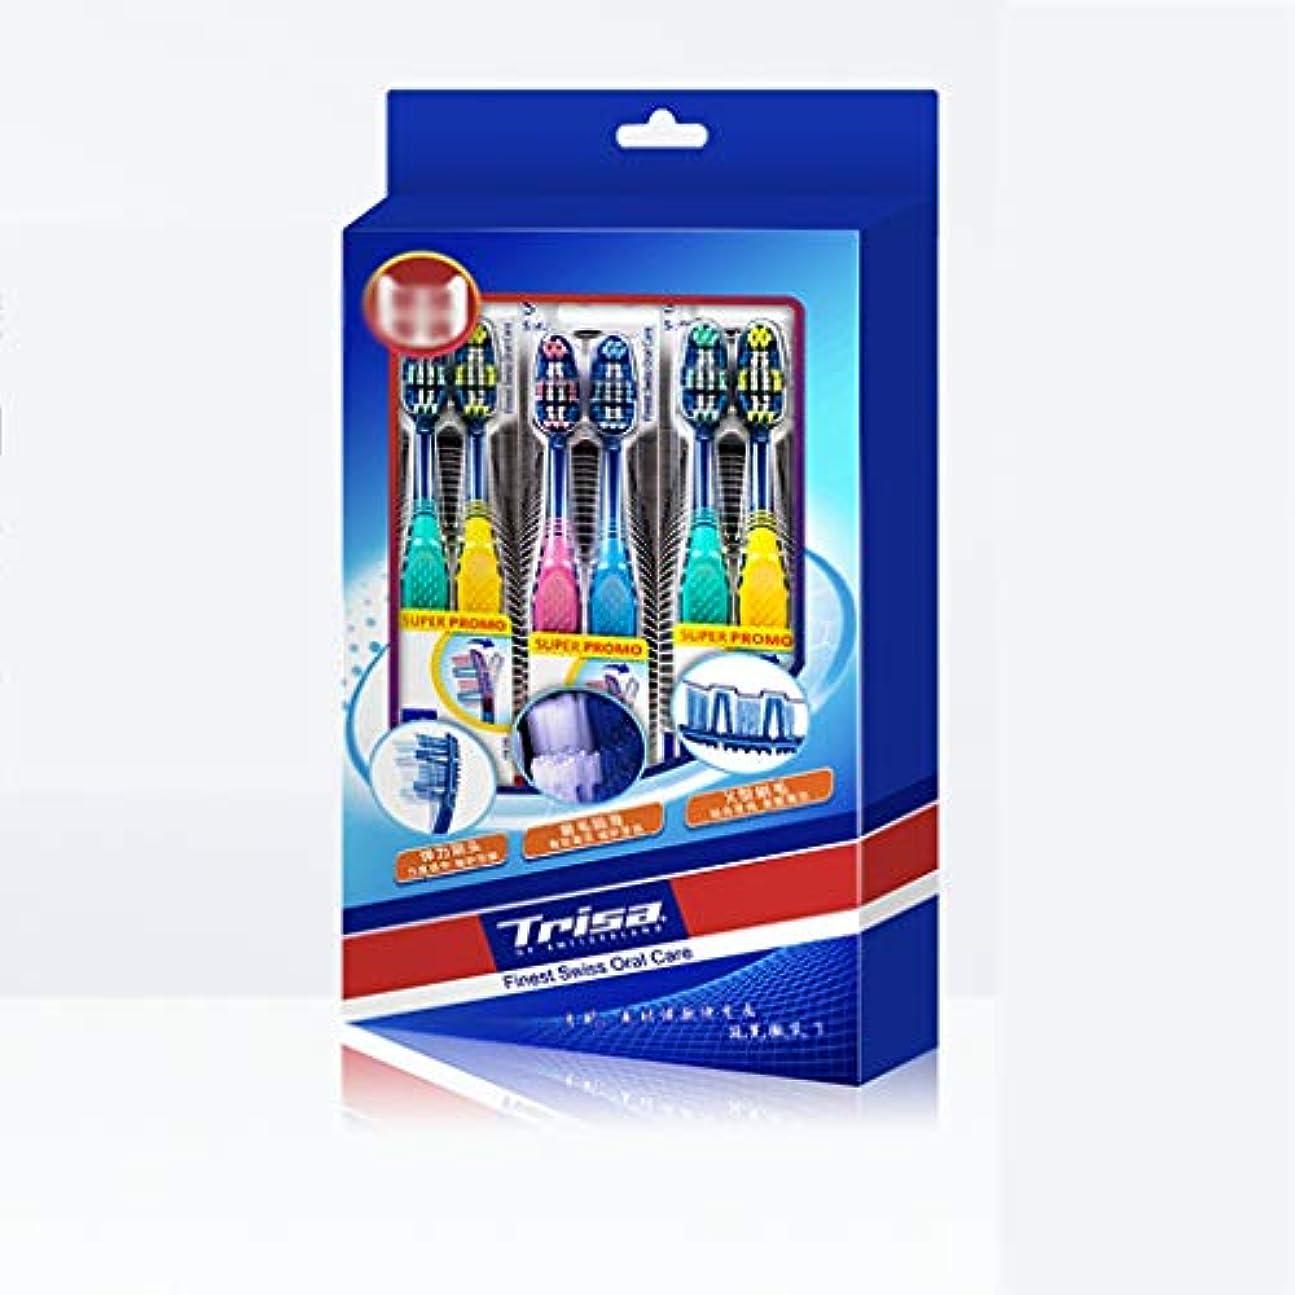 通信する提案する迷彩歯茎を傷つけることはありません6スーパーソフト歯ブラシ、強力な洗浄力、歯ブラシ